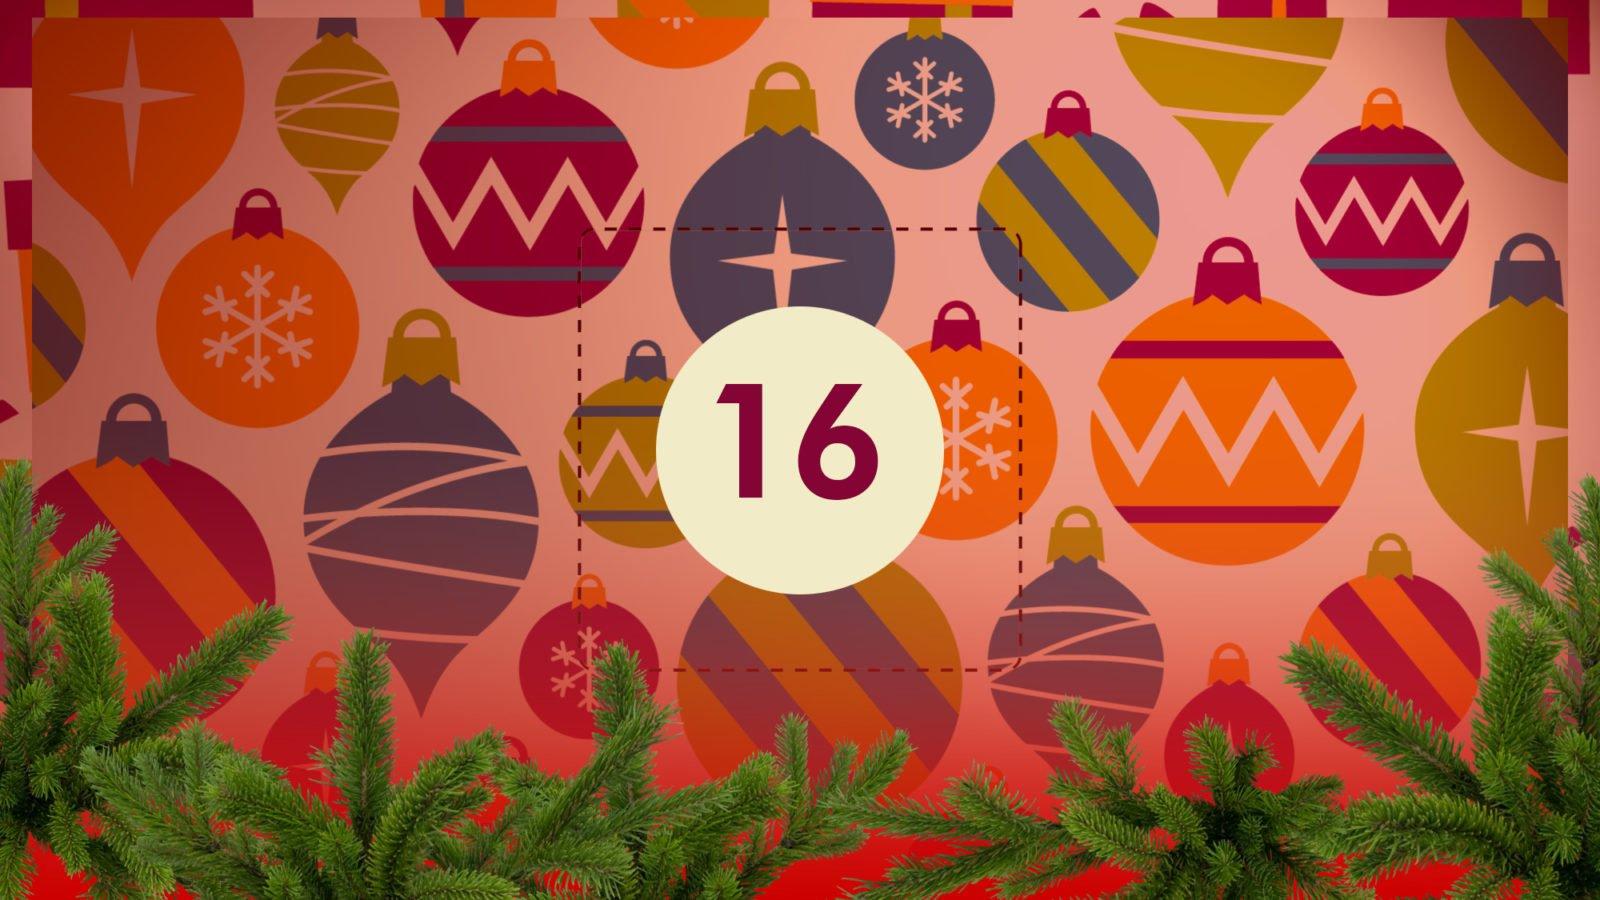 Grafik: Bunter Weihnachtsschmuck, in der Bildmitte die Zahl 16